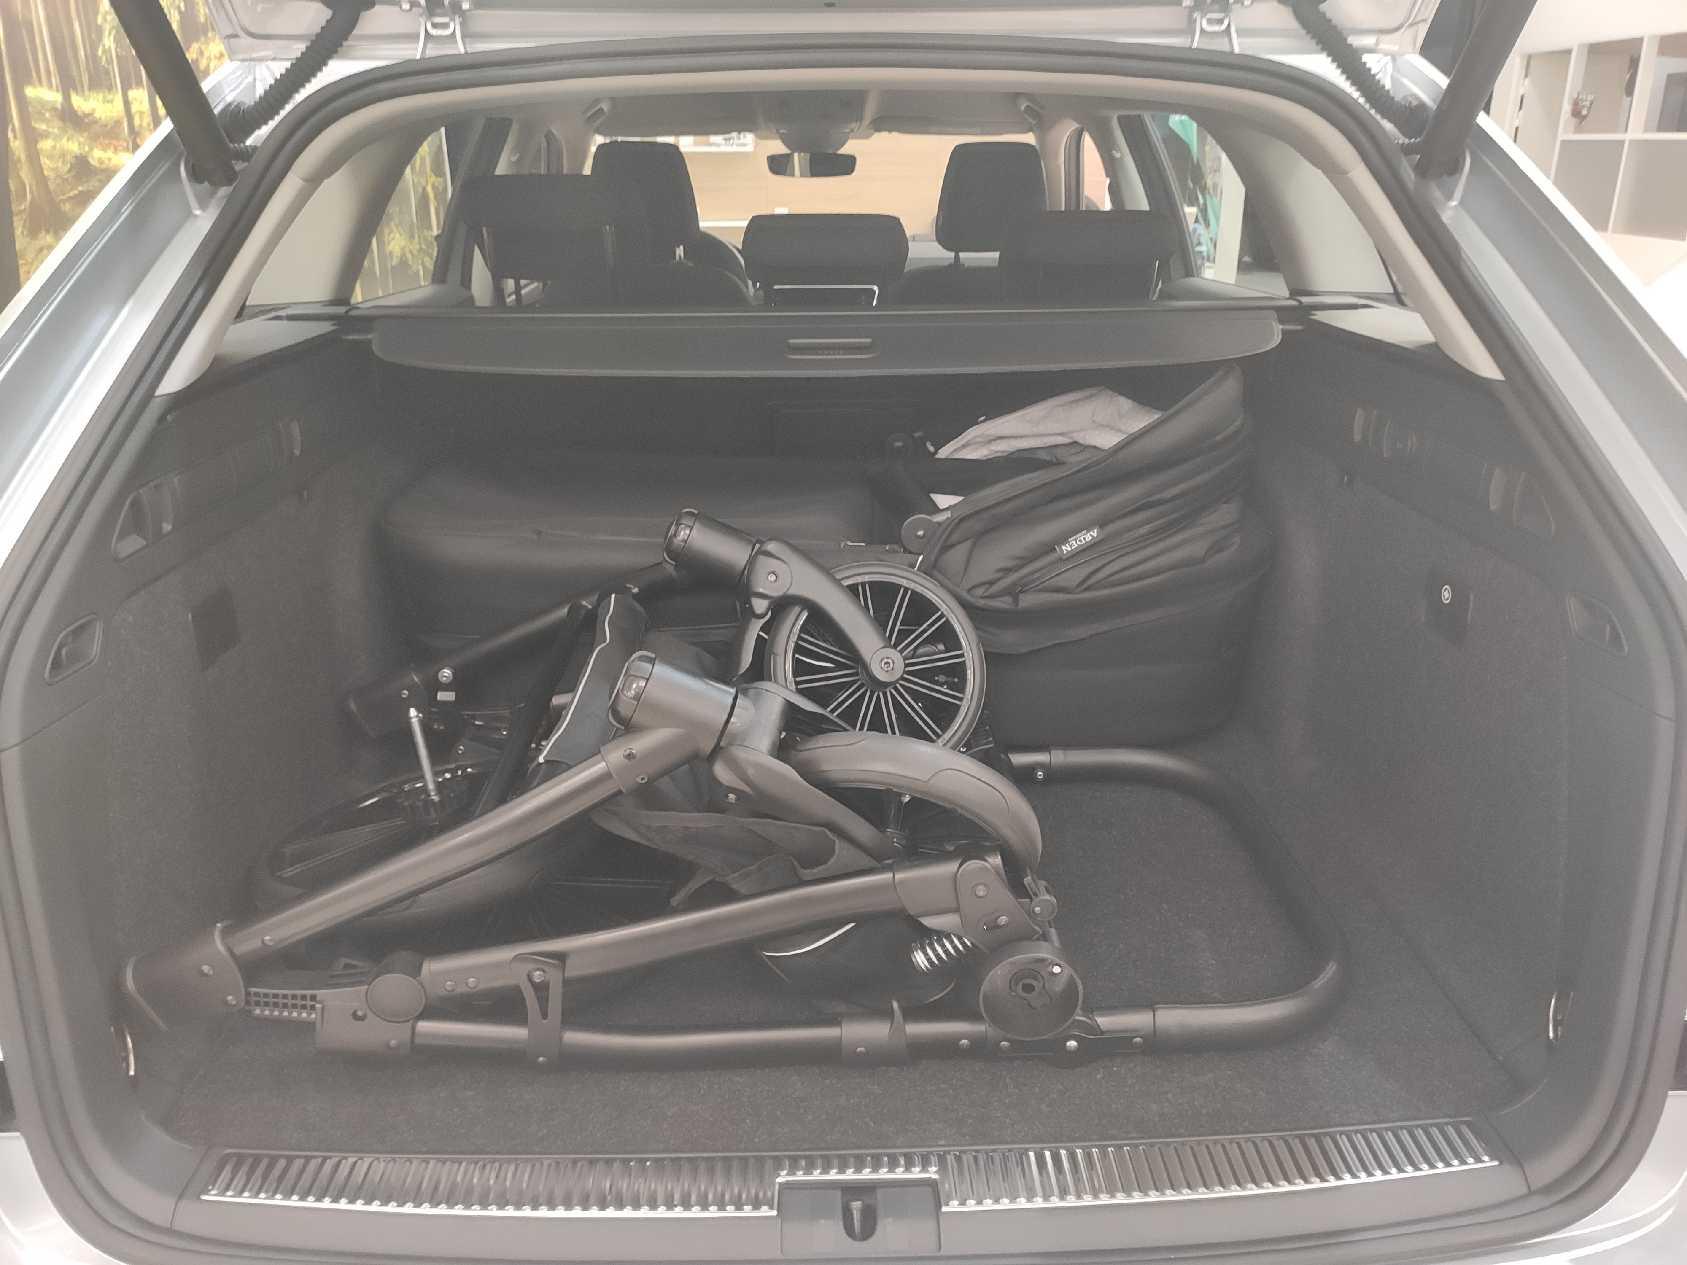 Skoda Superb combi - Er der plads til en barnevogn?